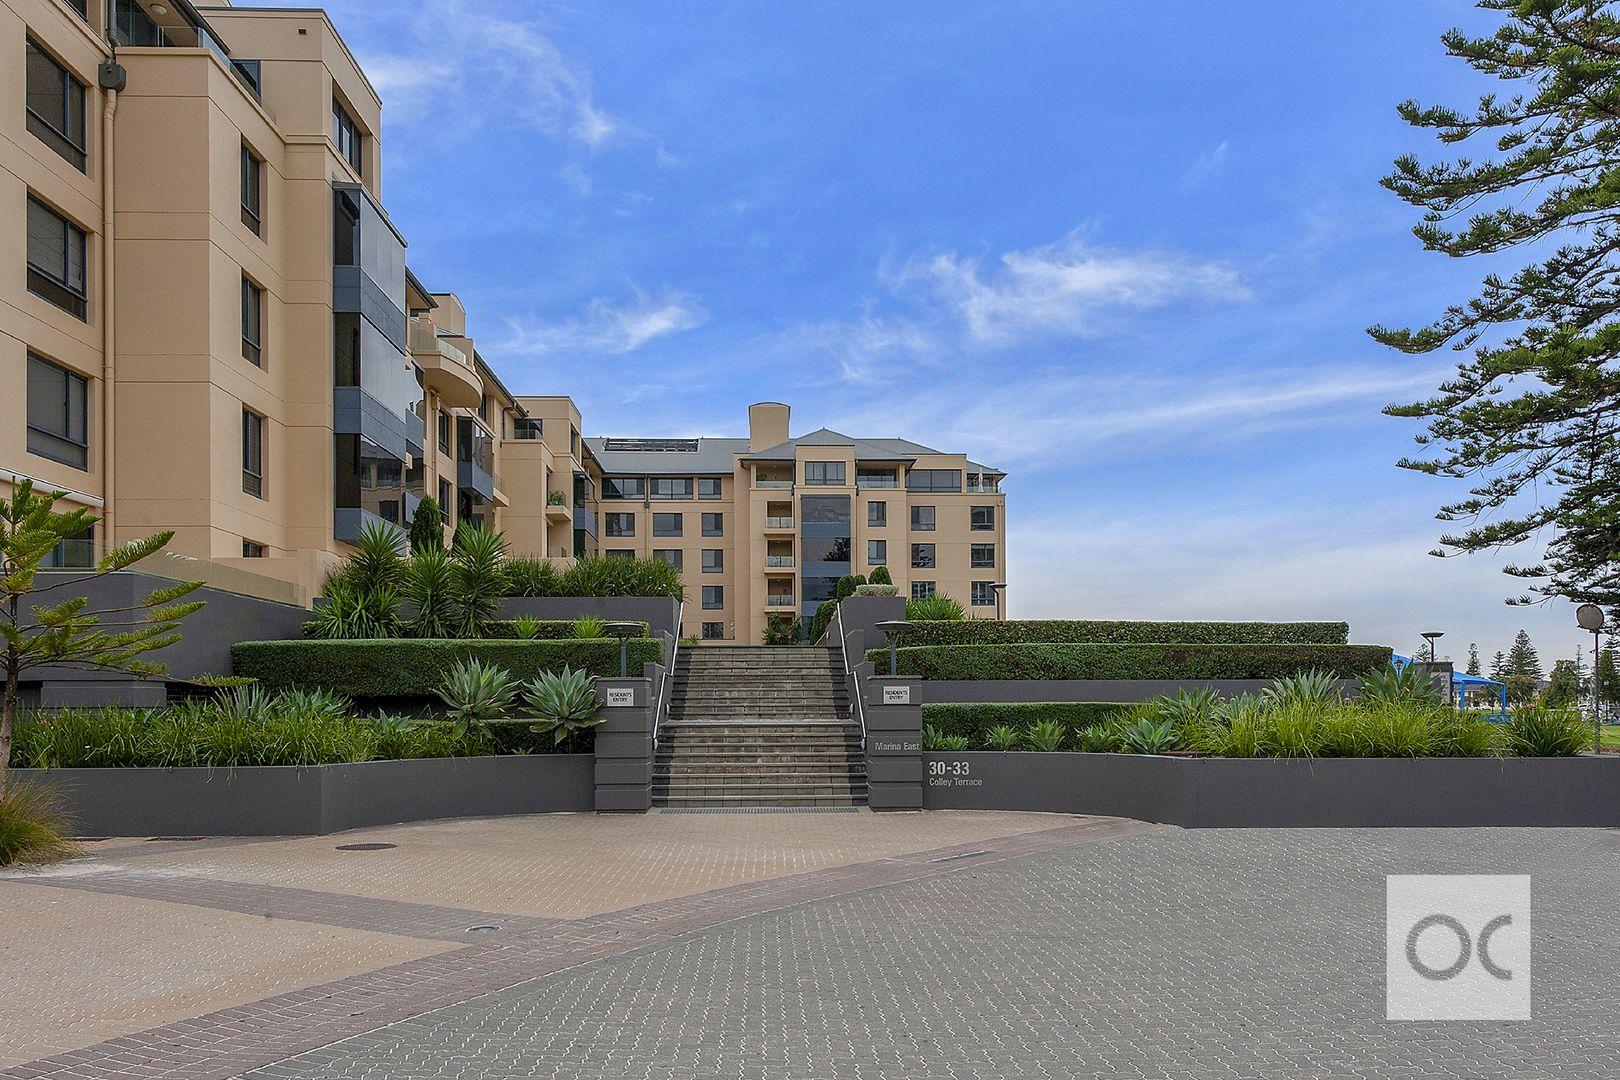 6/30 Colley  Terrace, Glenelg SA 5045, Image 1